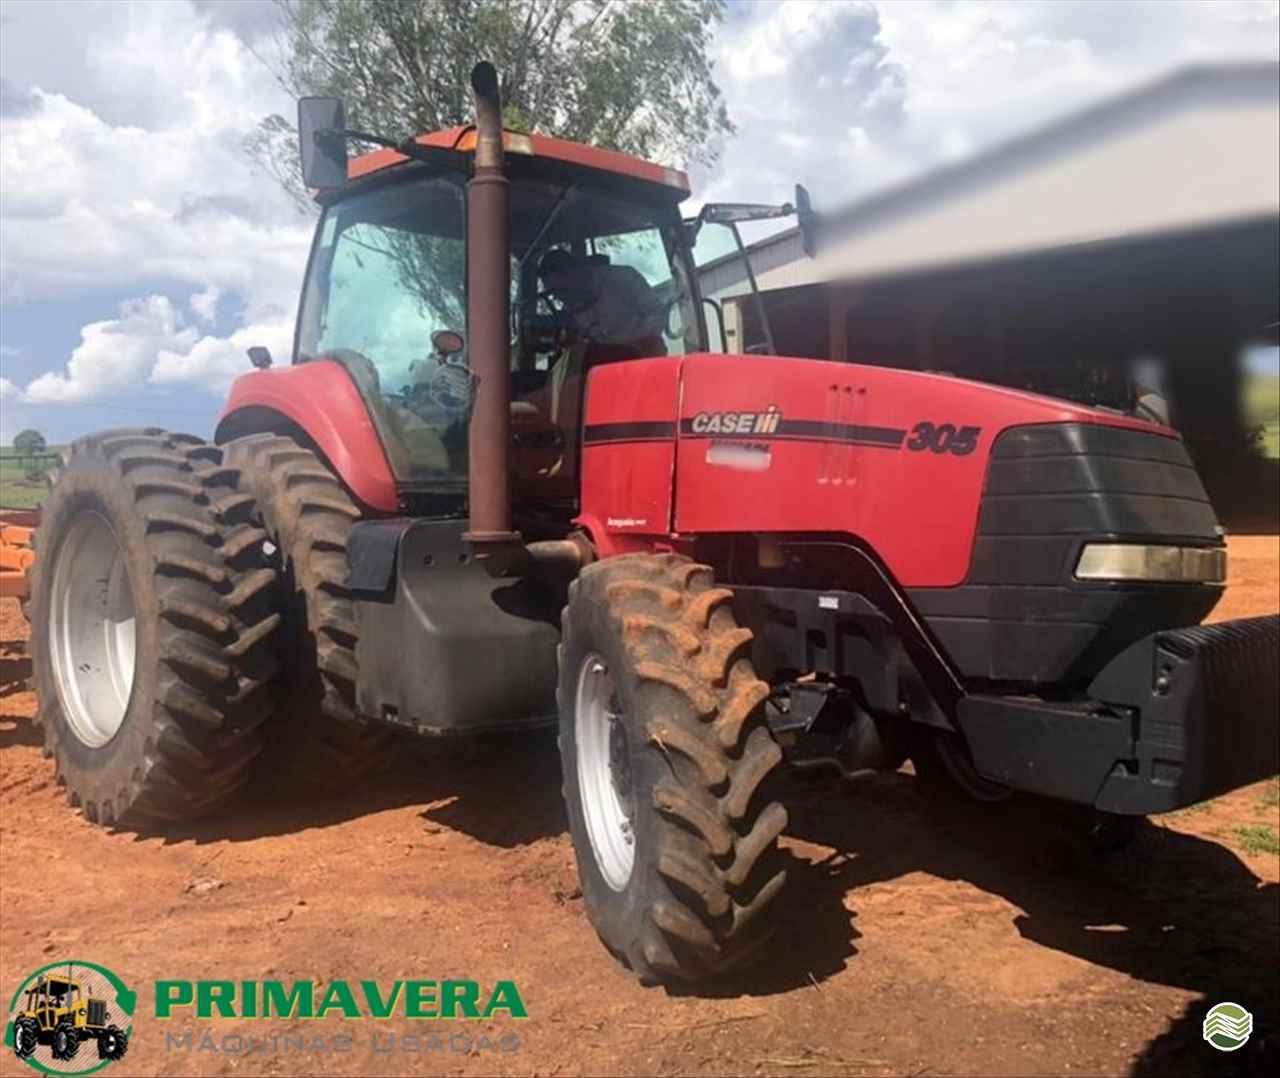 TRATOR CASE MAGNUM 305 Tração 4x4 Primavera Máquinas Usadas PRIMAVERA DO LESTE MATO GROSSO MT